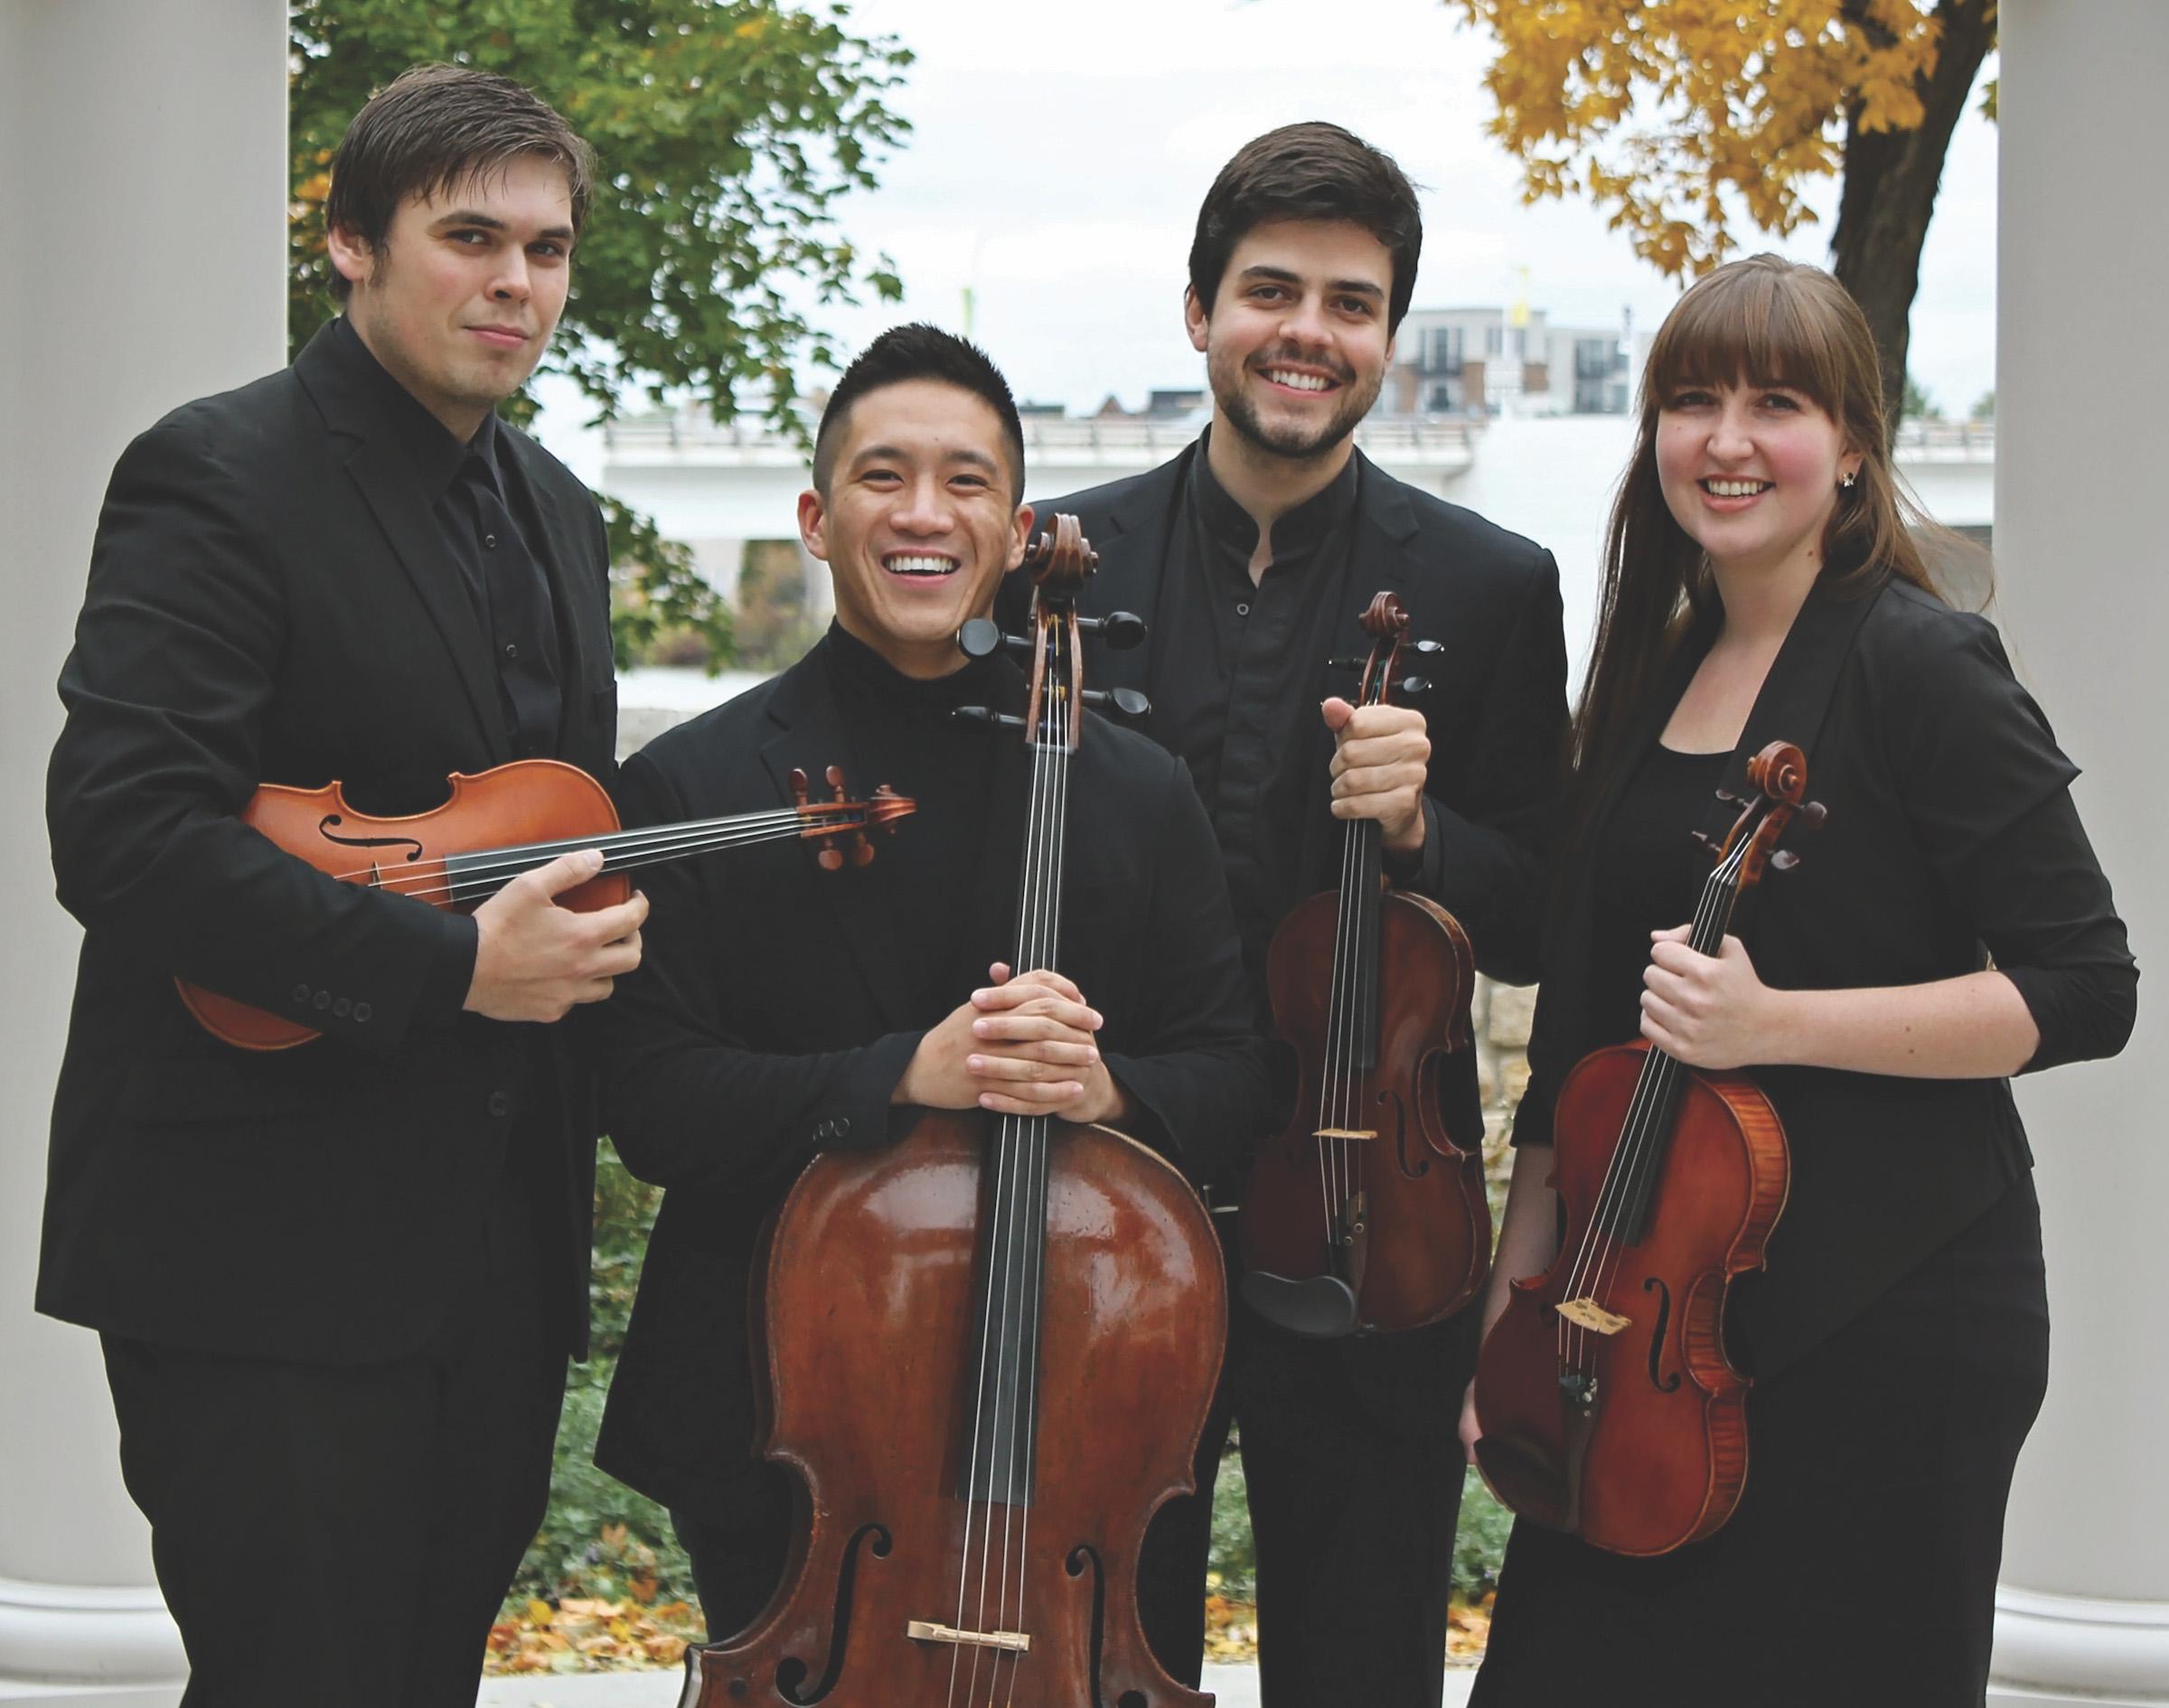 Griffon String Quartet, Midsummer's Music